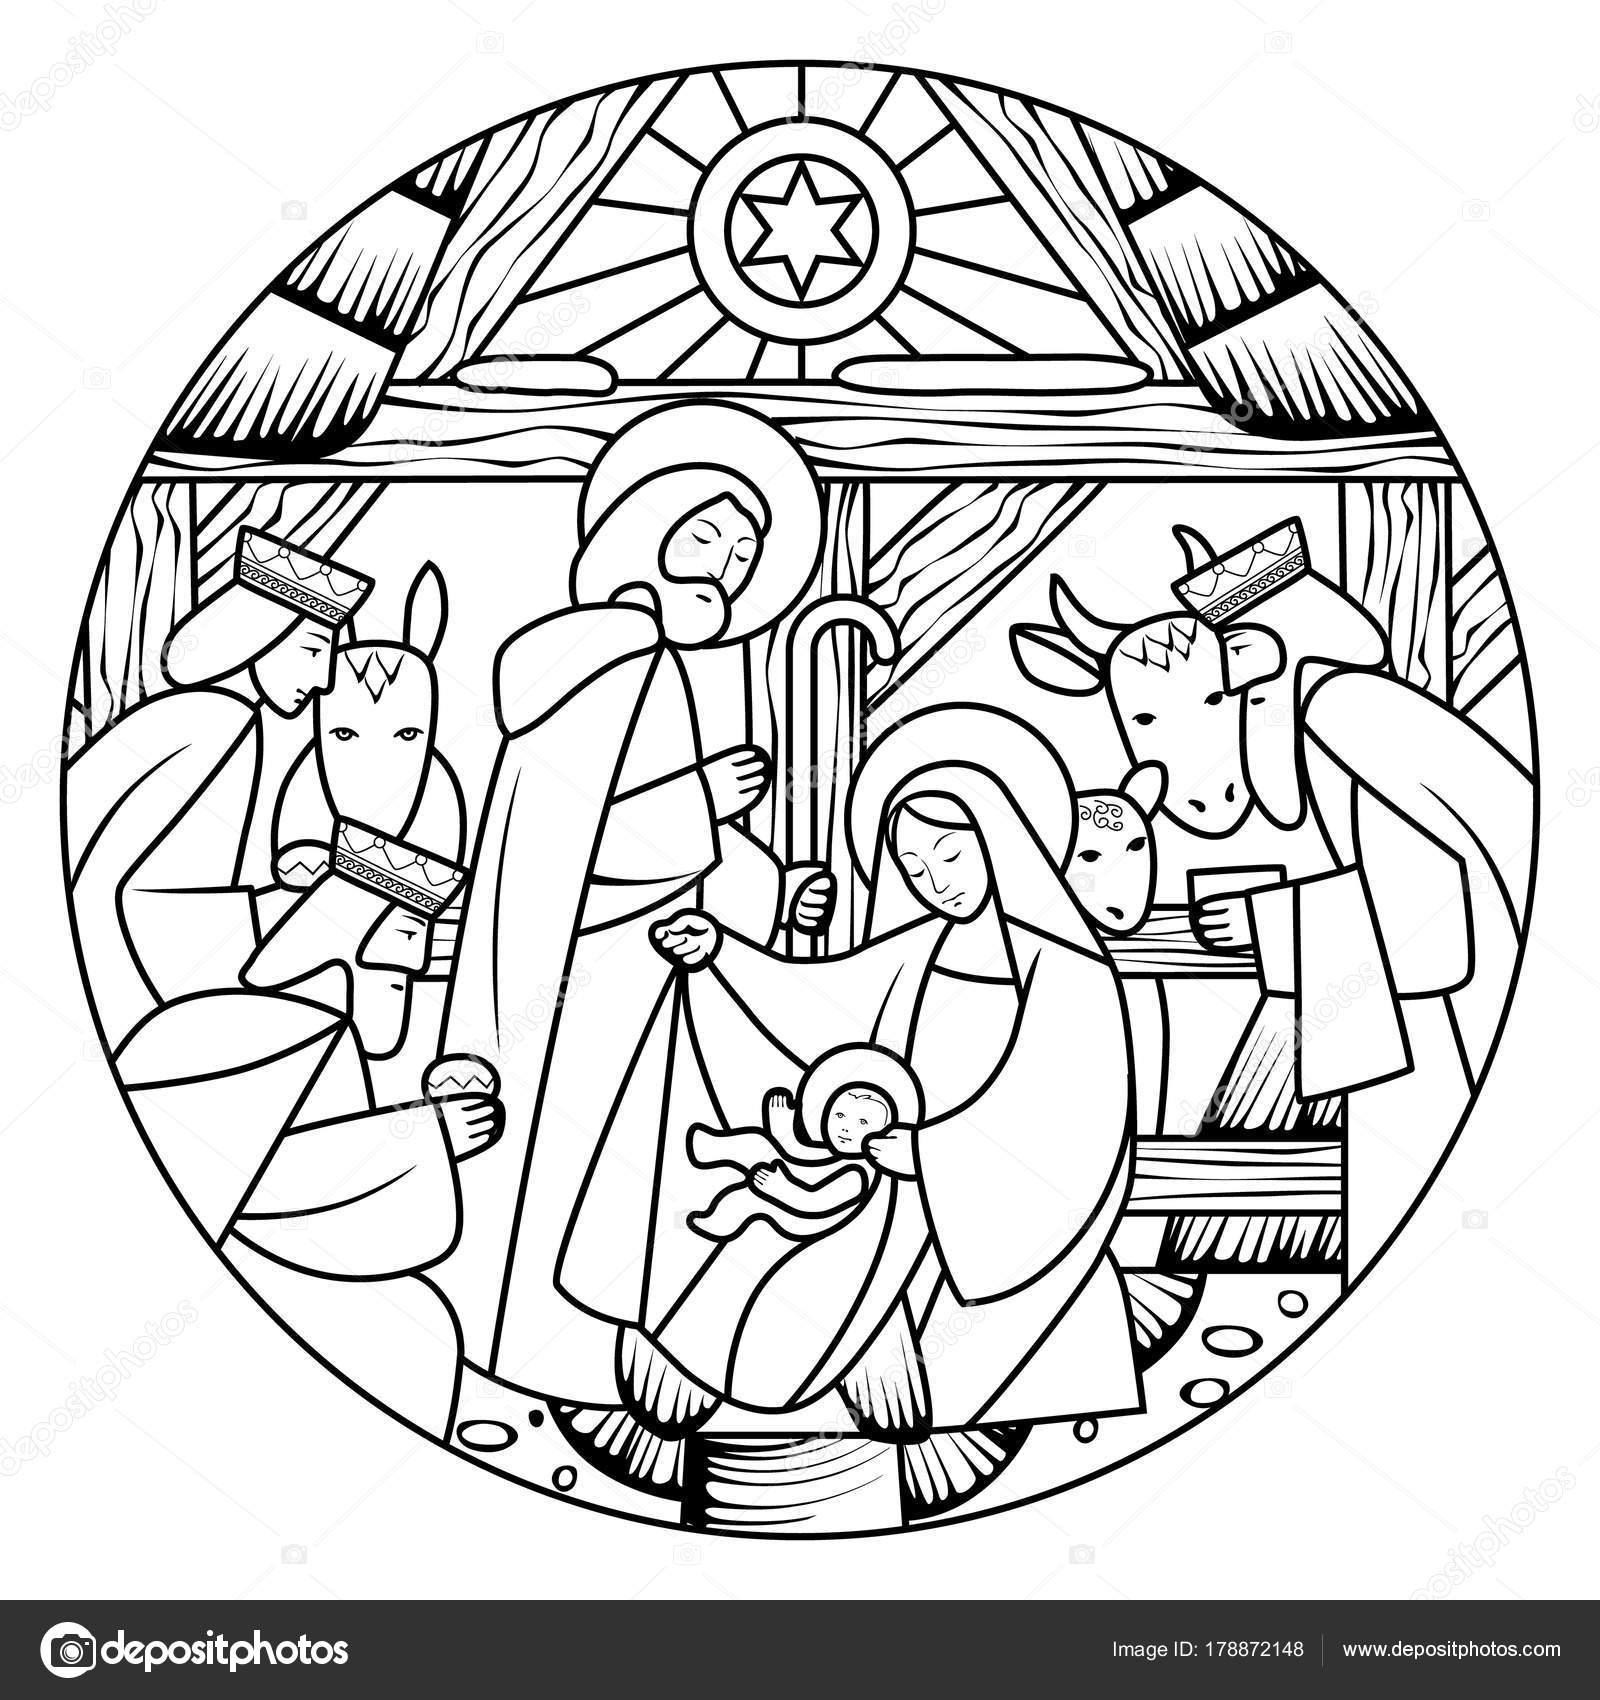 Dibujo lineal de la escena del nacimiento de Jesucristo en forma de ...